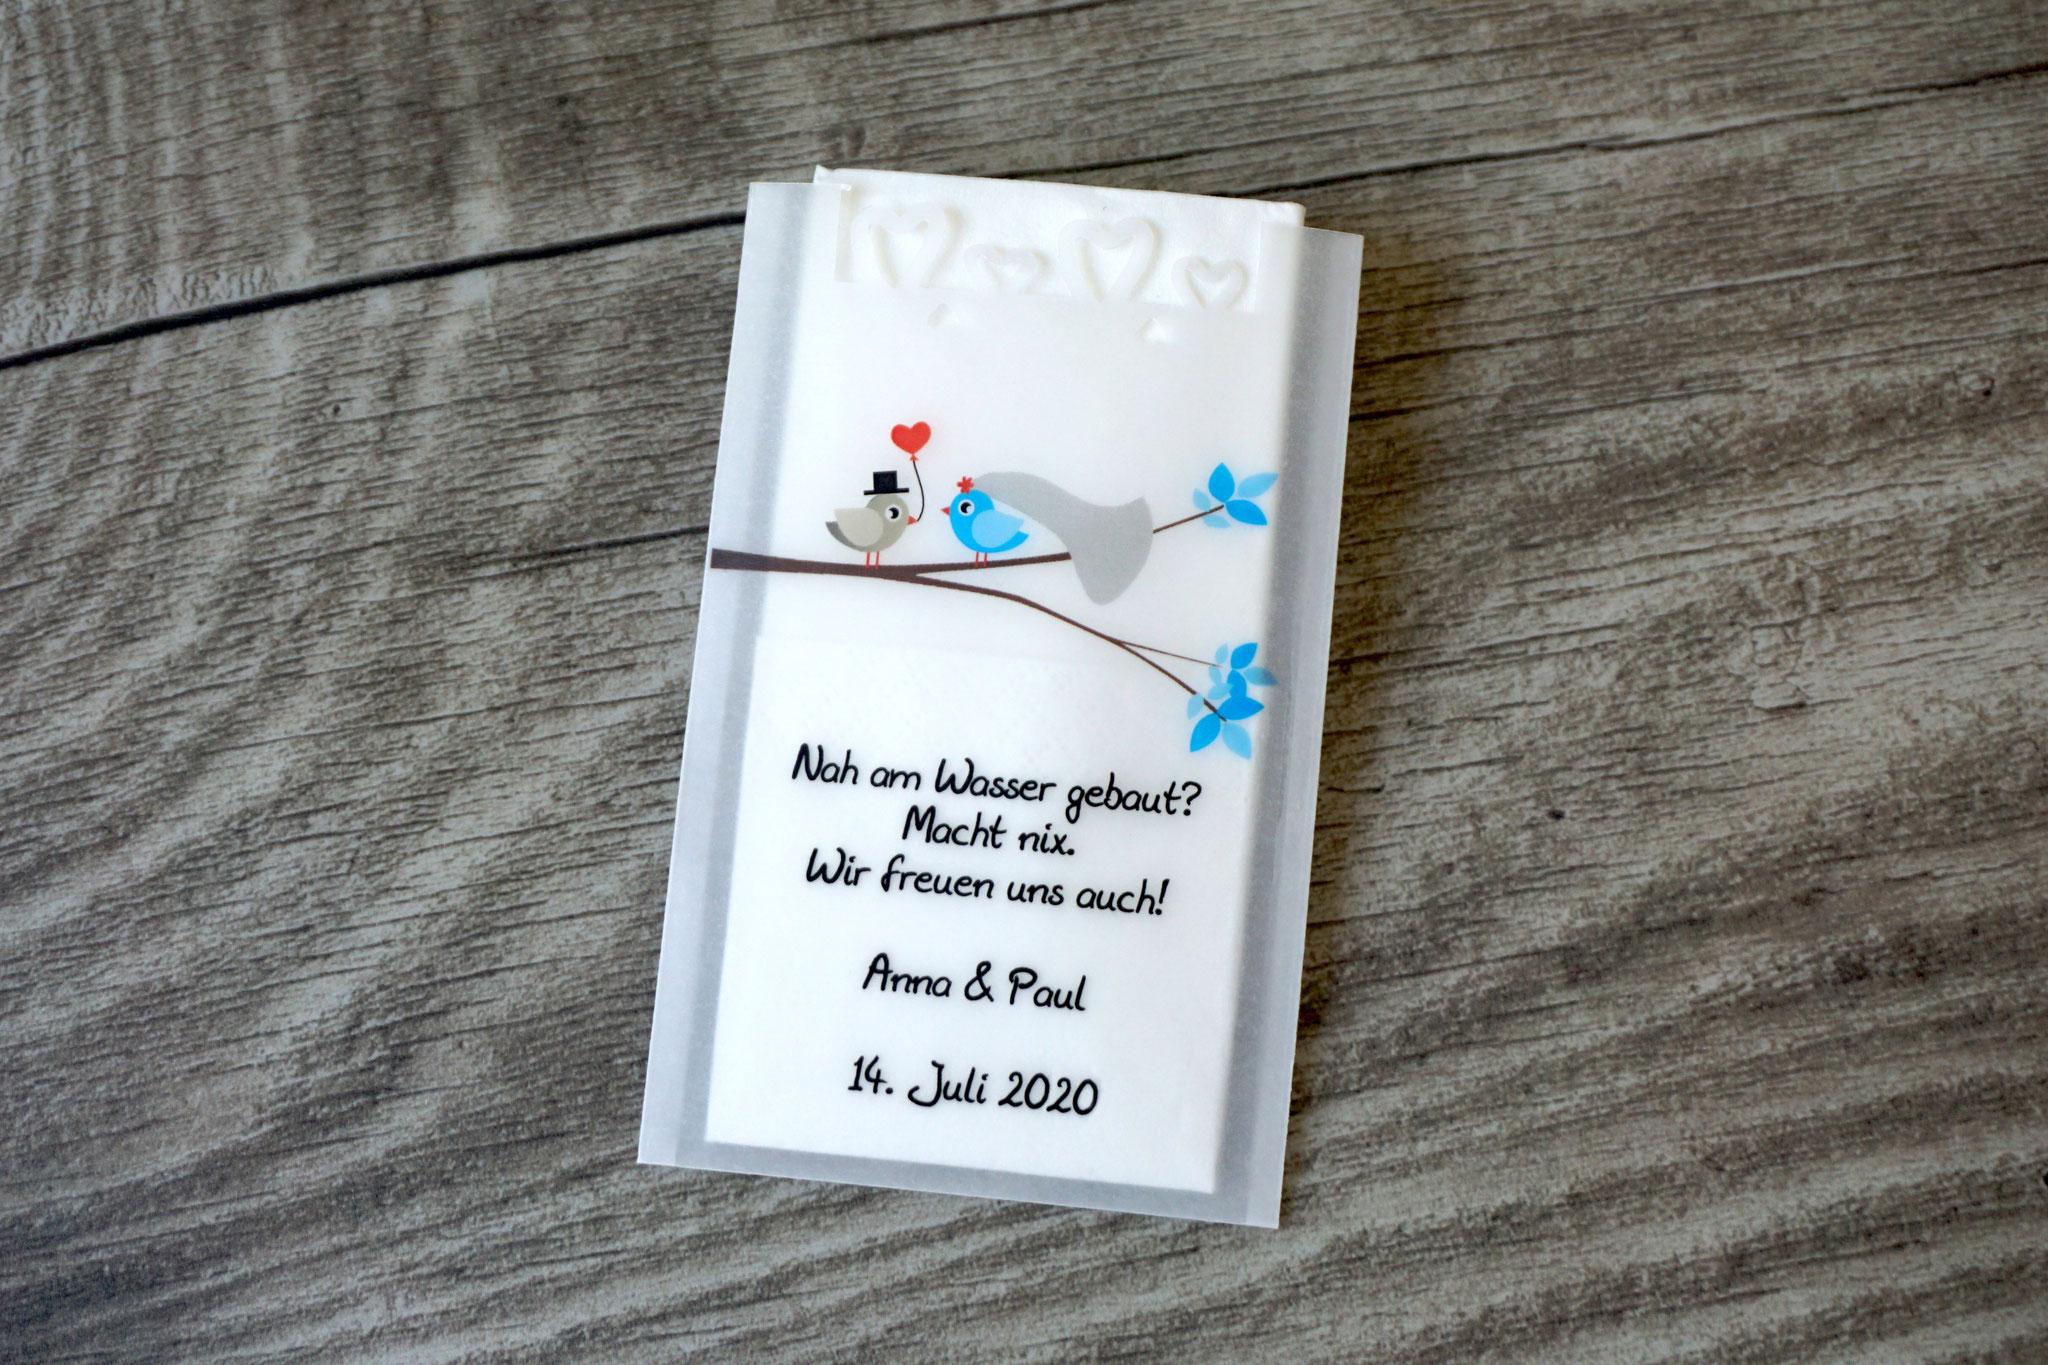 Freudentränen Taschentücher Design Hochzeitsvögel verzweigter Ast, Farbe Blau/Beigegrau mit Herzrand